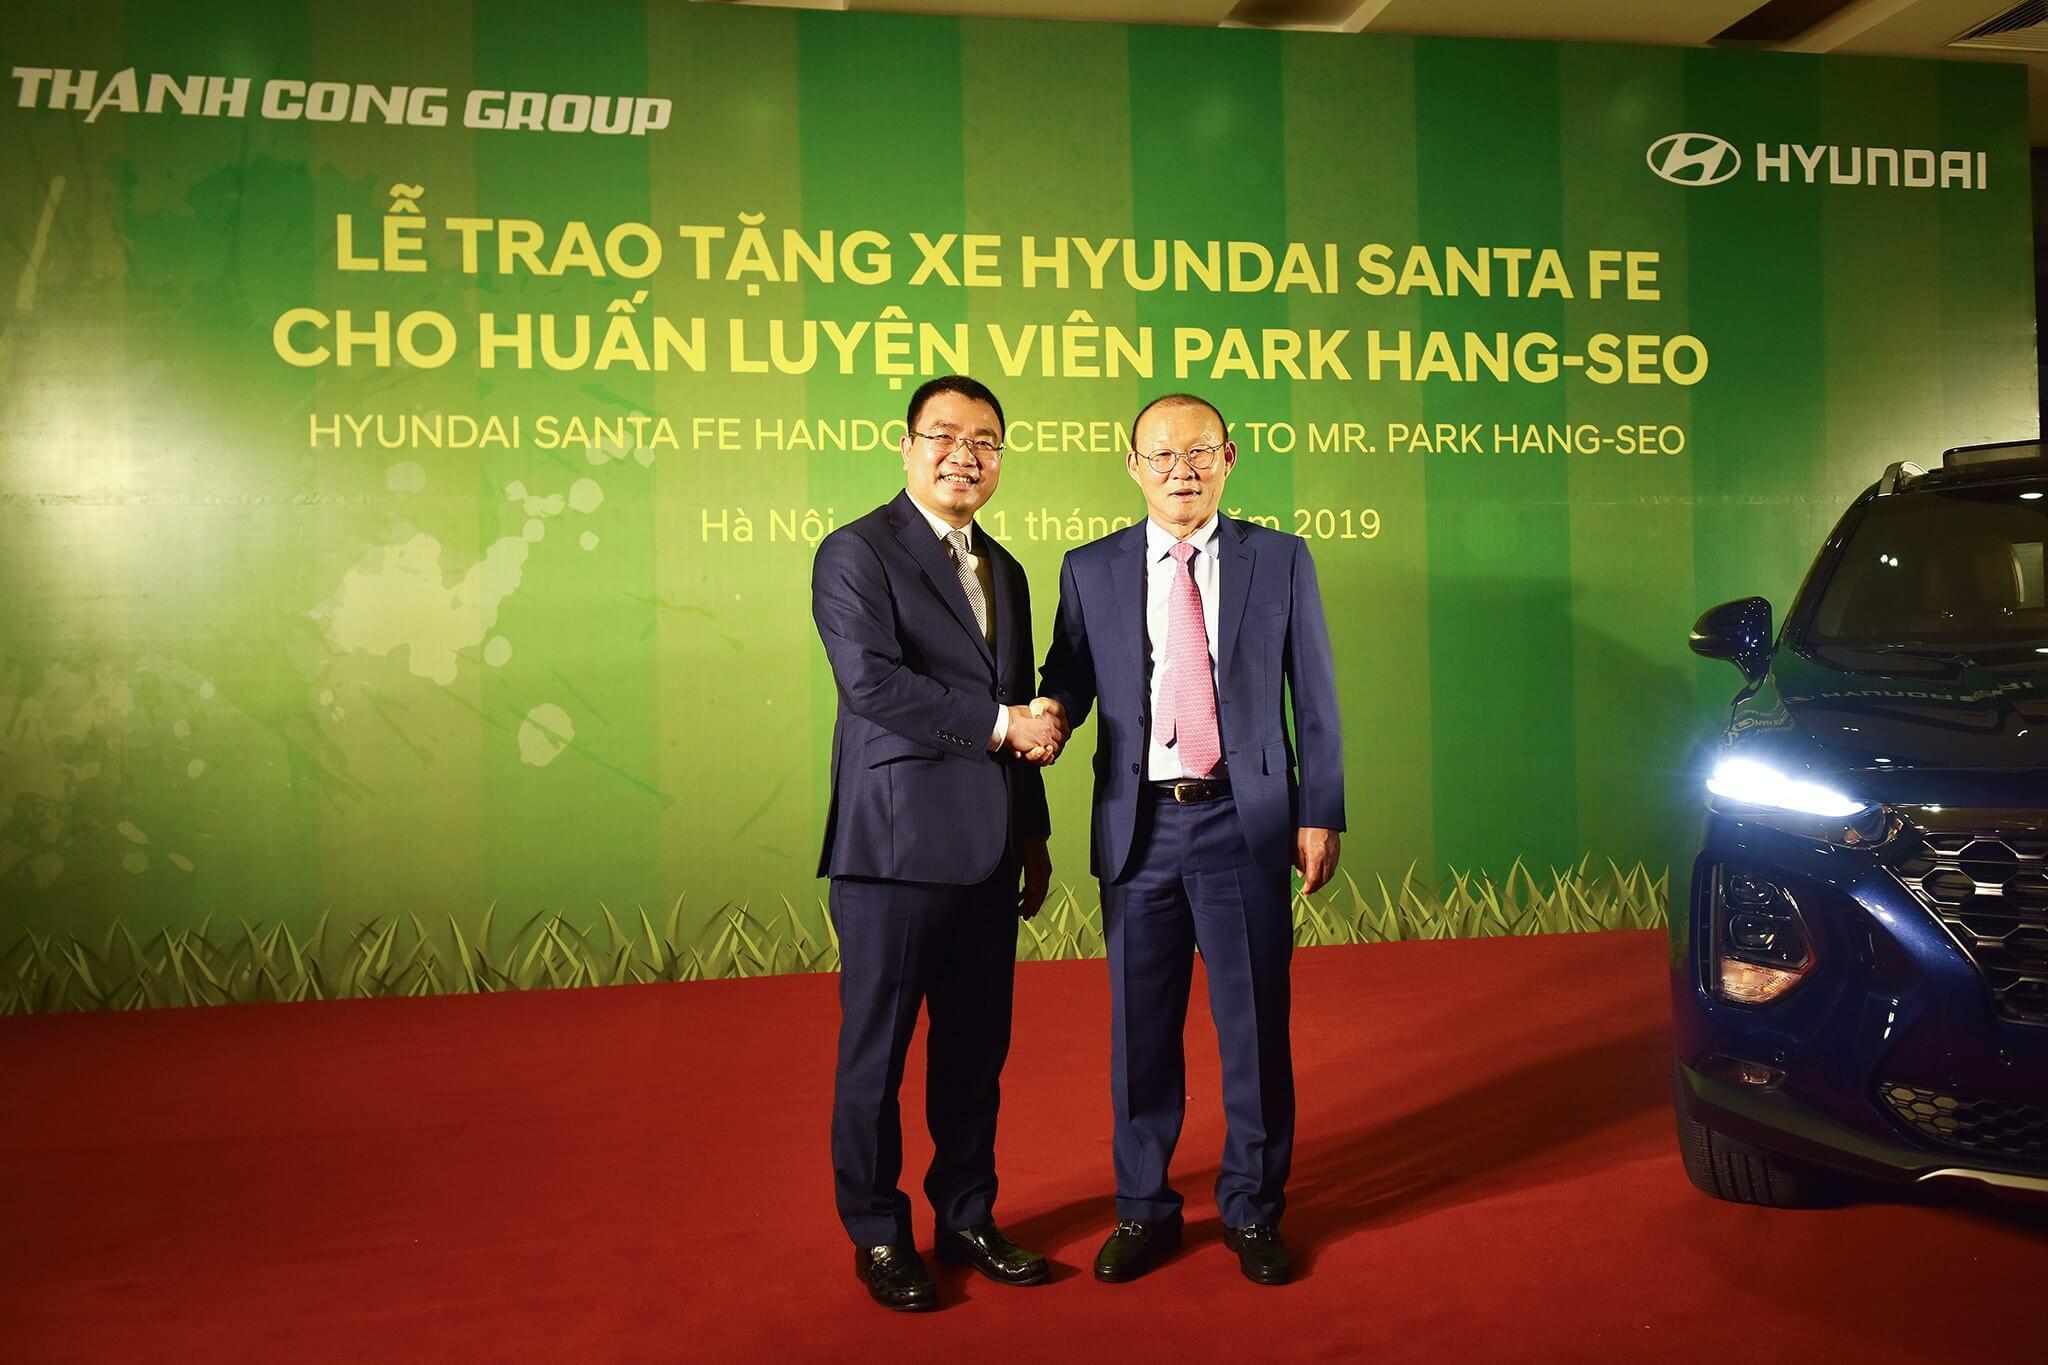 Ông Lê Ngọc Đức, Tổng giám đốc tập đoàn Thành Công chúc mừng HLV Park Hang Seo